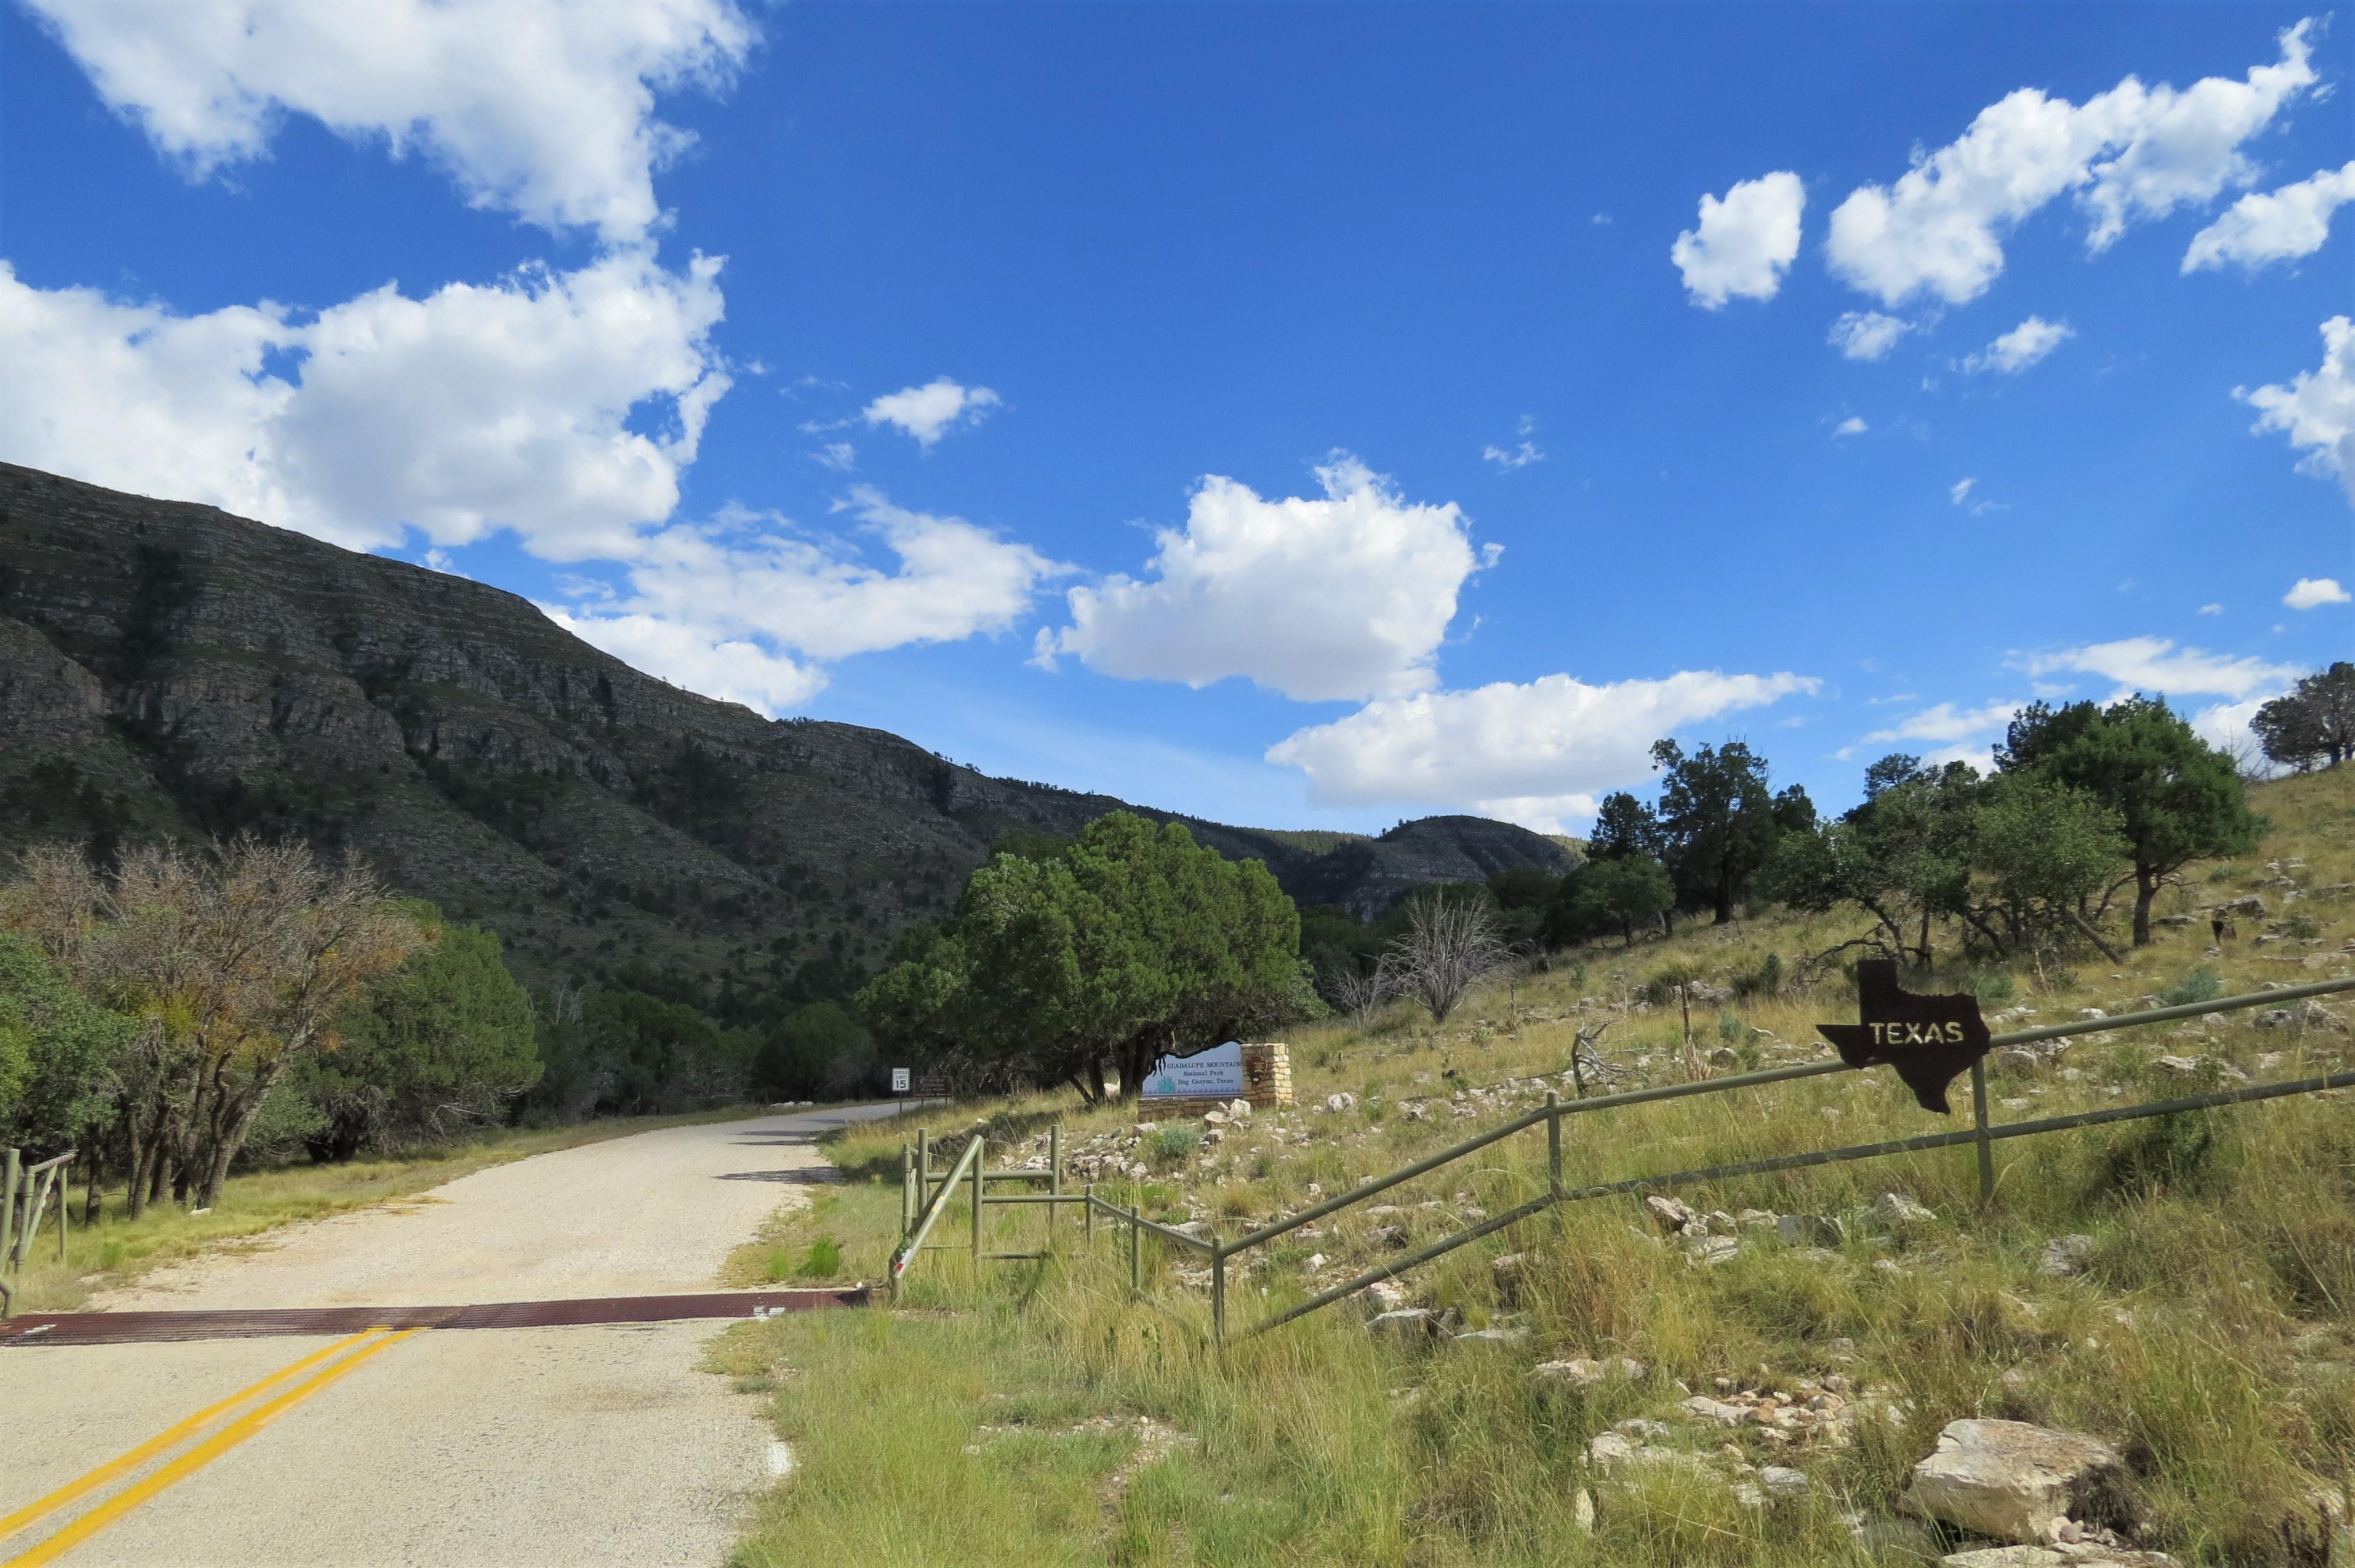 Texas NM Border at Dog Canyon